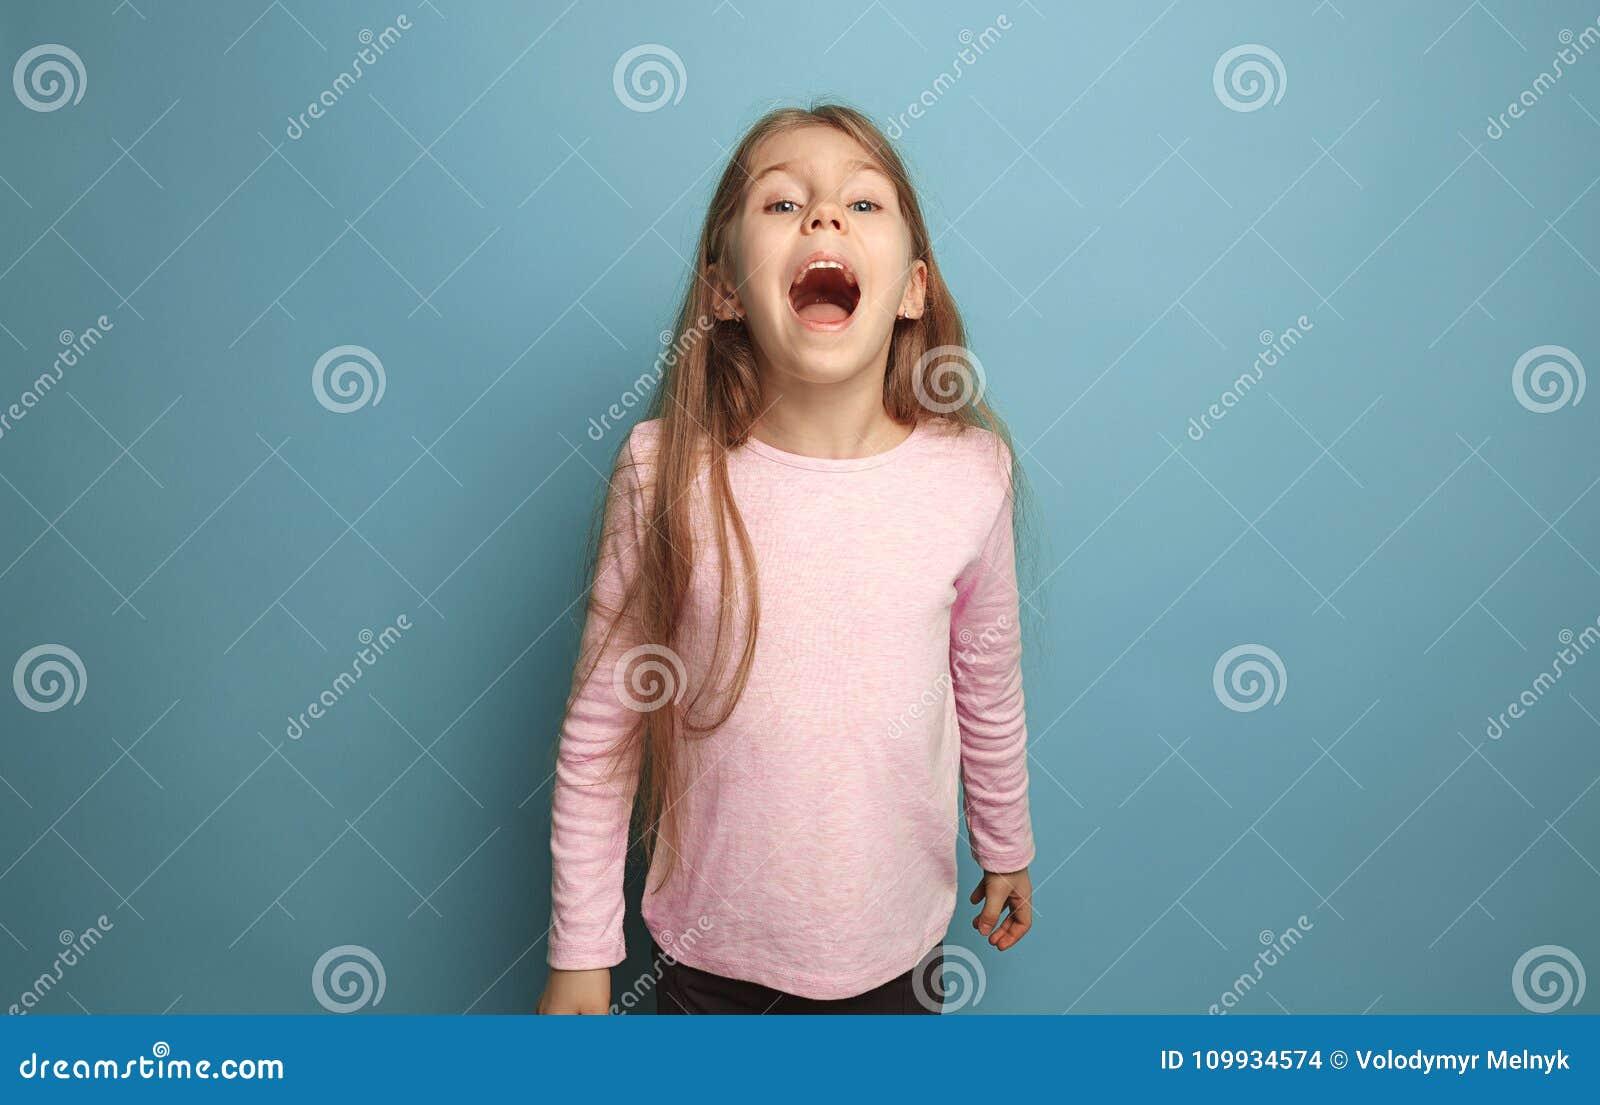 A menina adolescente loura emocional tem um olhar da felicidade e gritar Tiro do estúdio